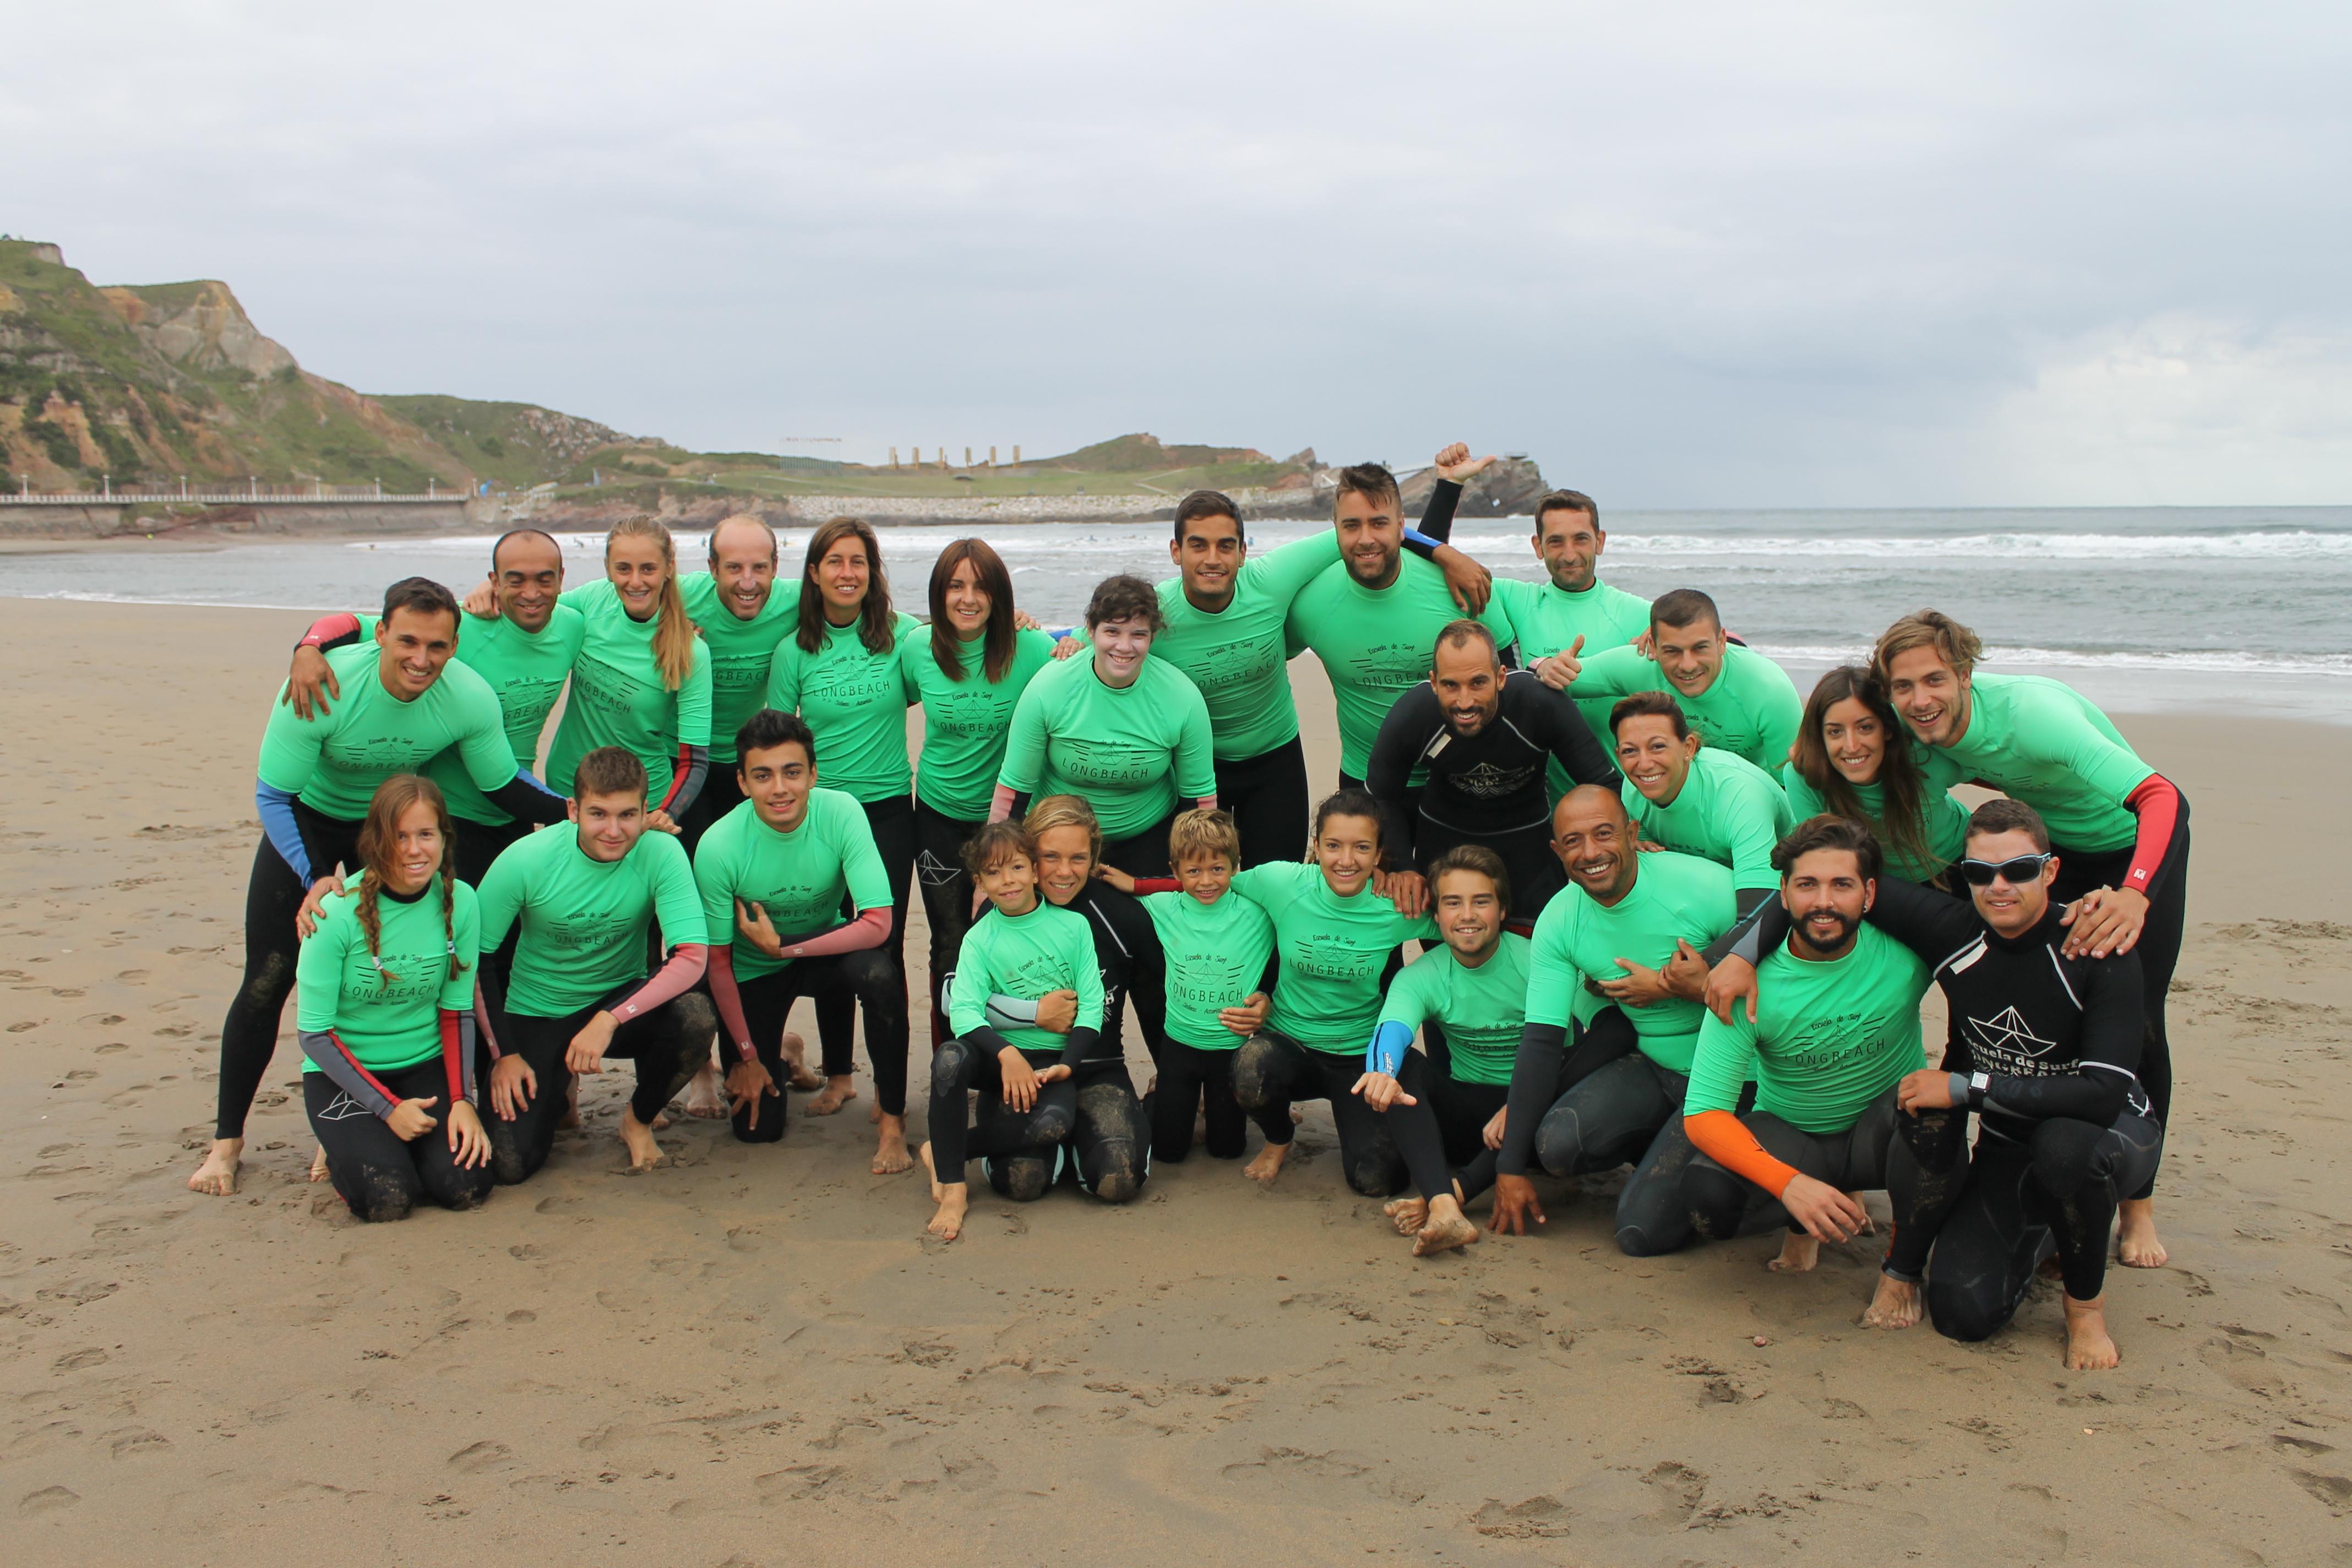 Escuela de surf camp longbeach 8.JPG